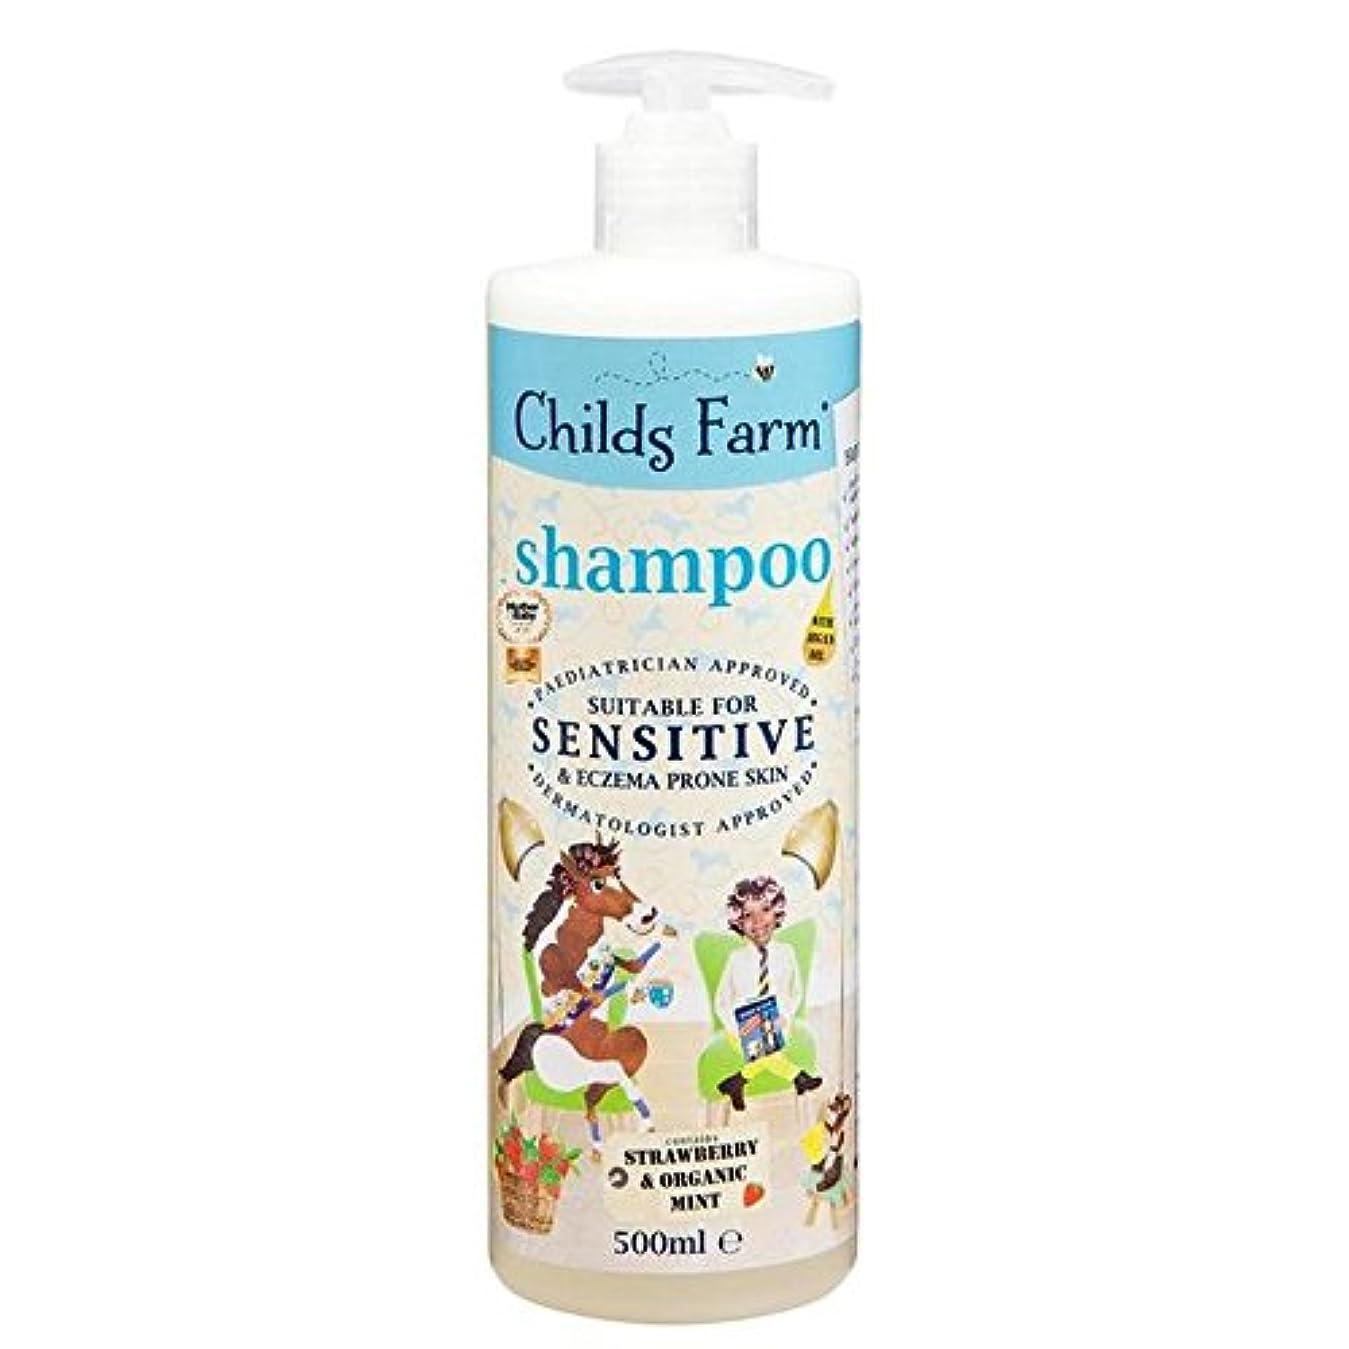 パン雰囲気クルー甘美なロック500ミリリットルのためのチャイルズファームシャンプー x4 - Childs Farm Shampoo for Luscious Locks 500ml (Pack of 4) [並行輸入品]